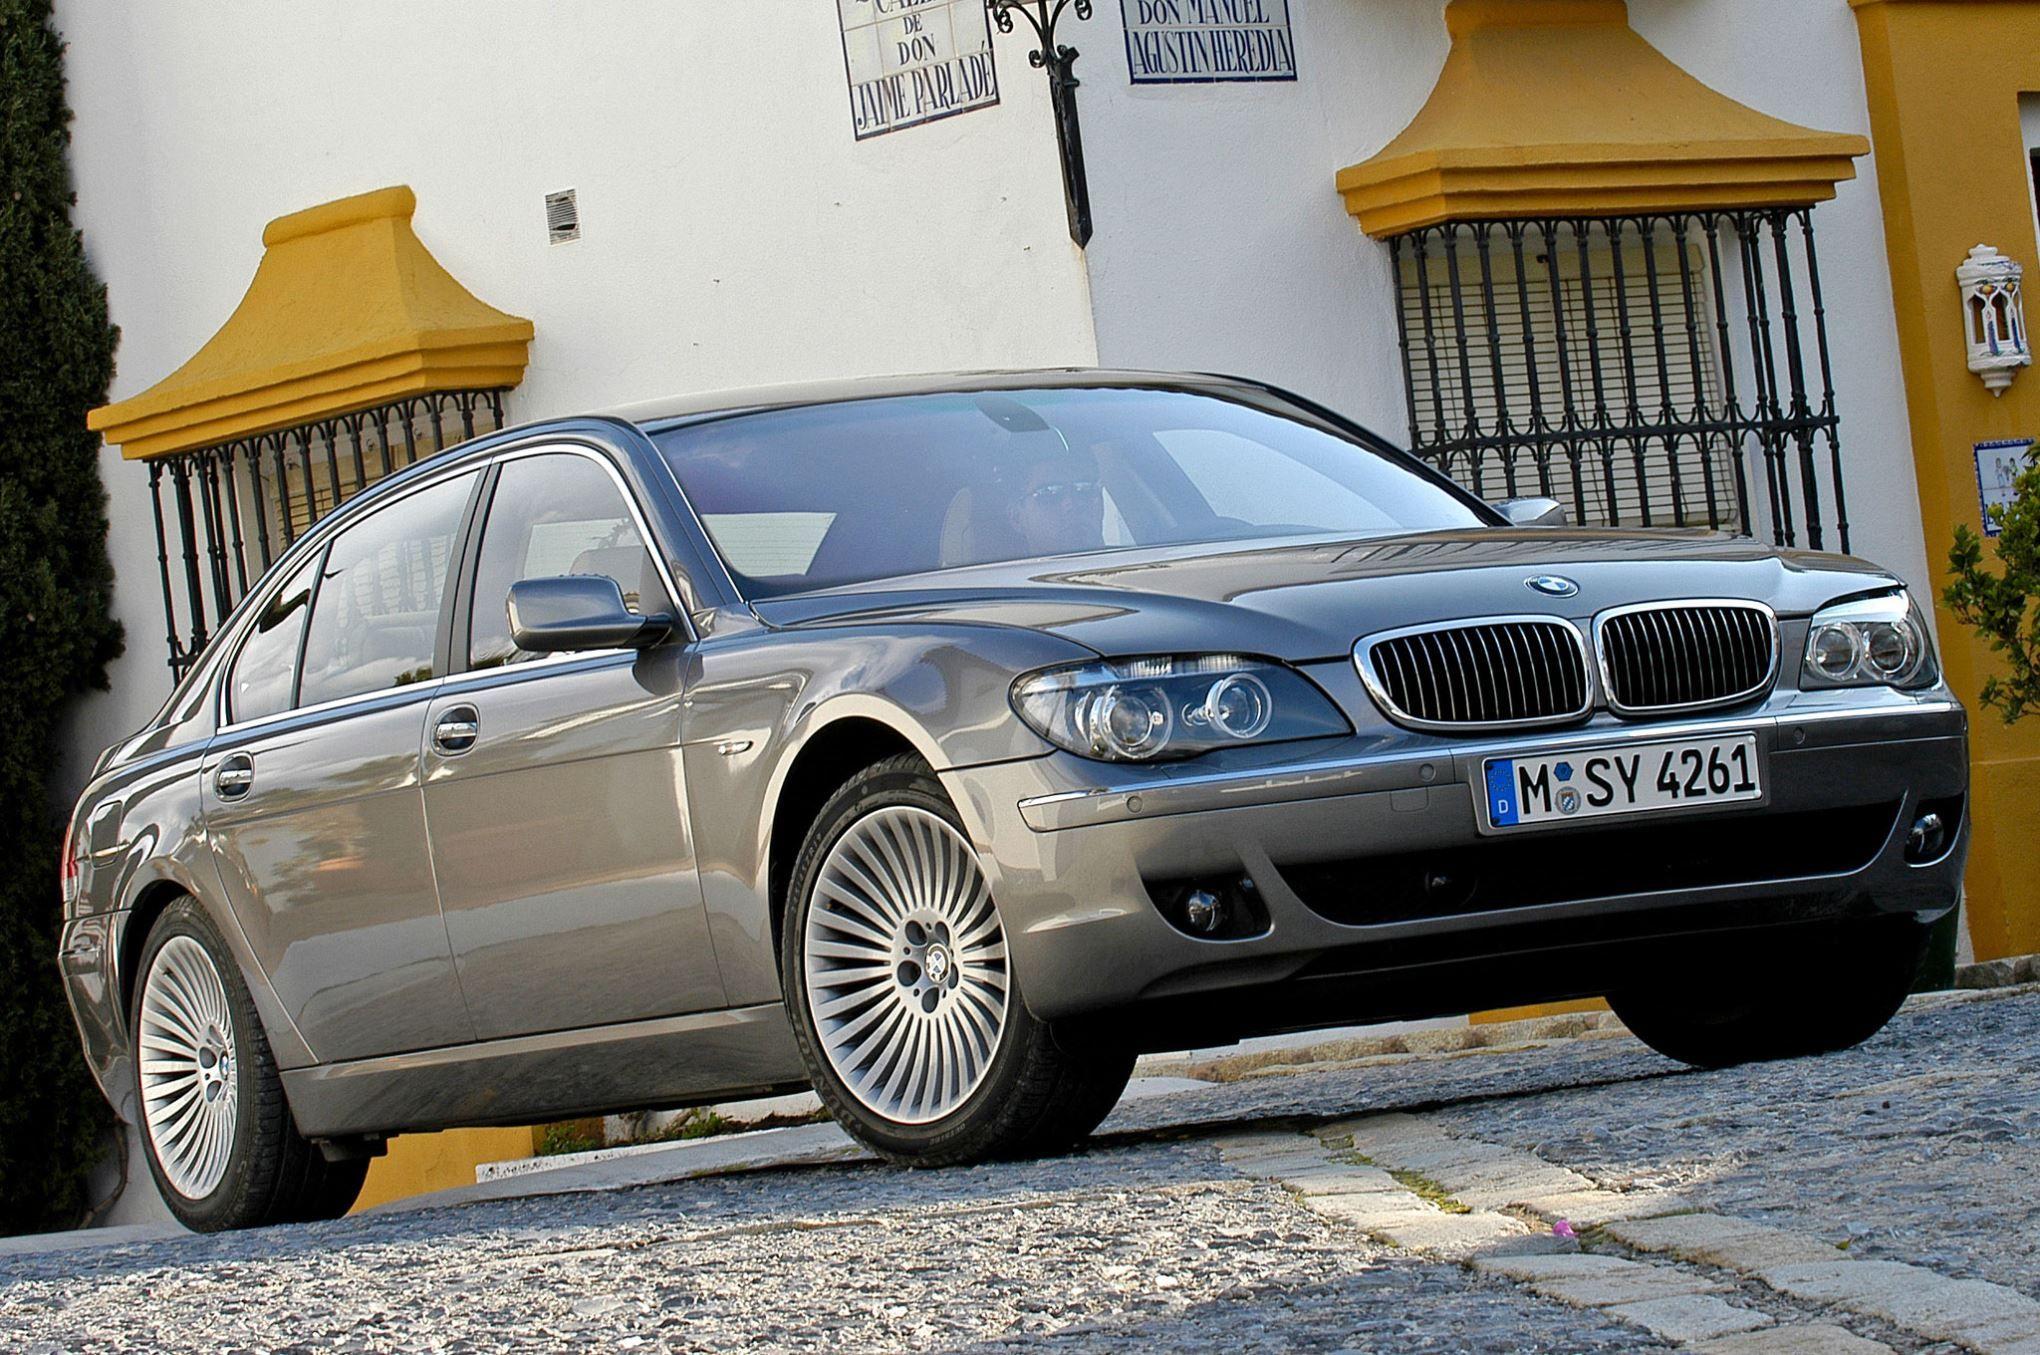 Top 14 Status Symbol Cars At Bargain Prices Bmw Cars Benz